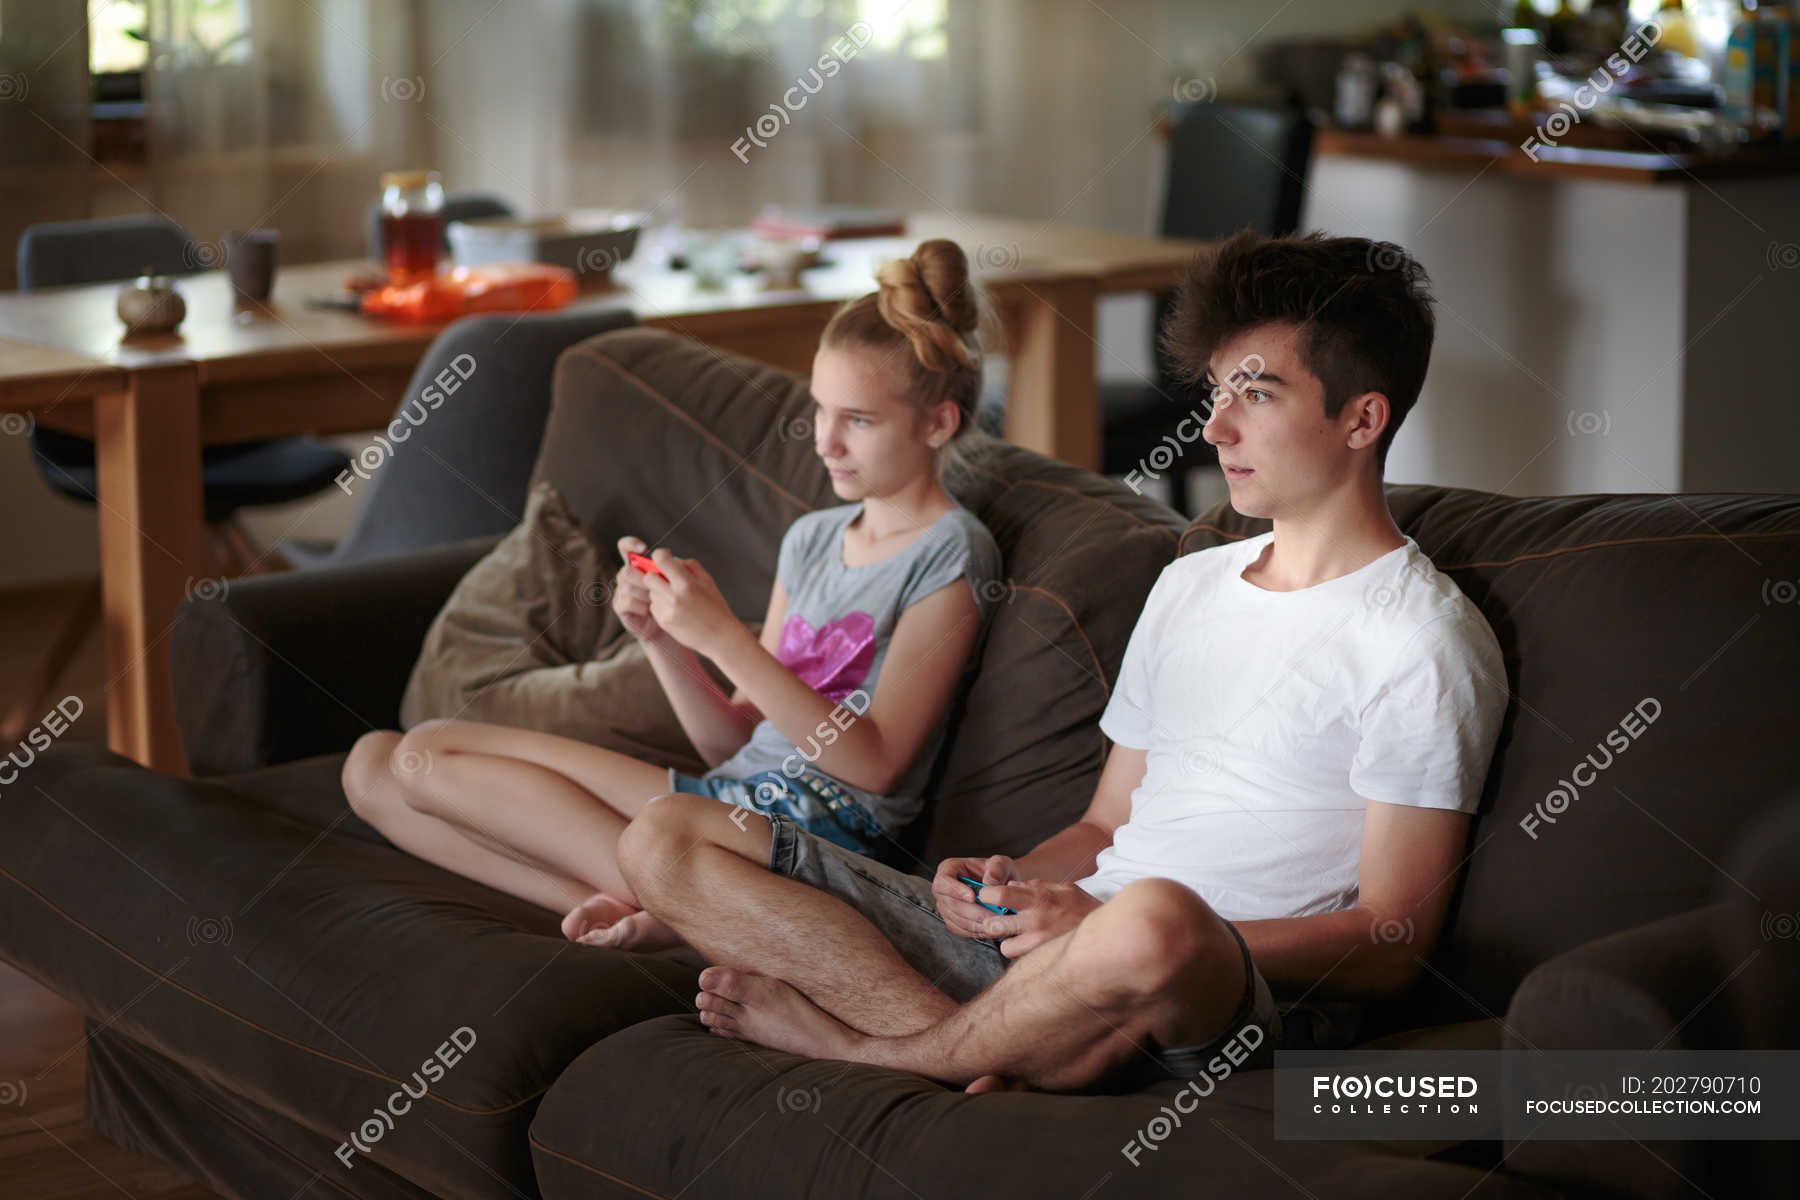 Сестра играла а он вставил ей, Сестра приклеилась к столу, а брат воспользовался этим 12 фотография